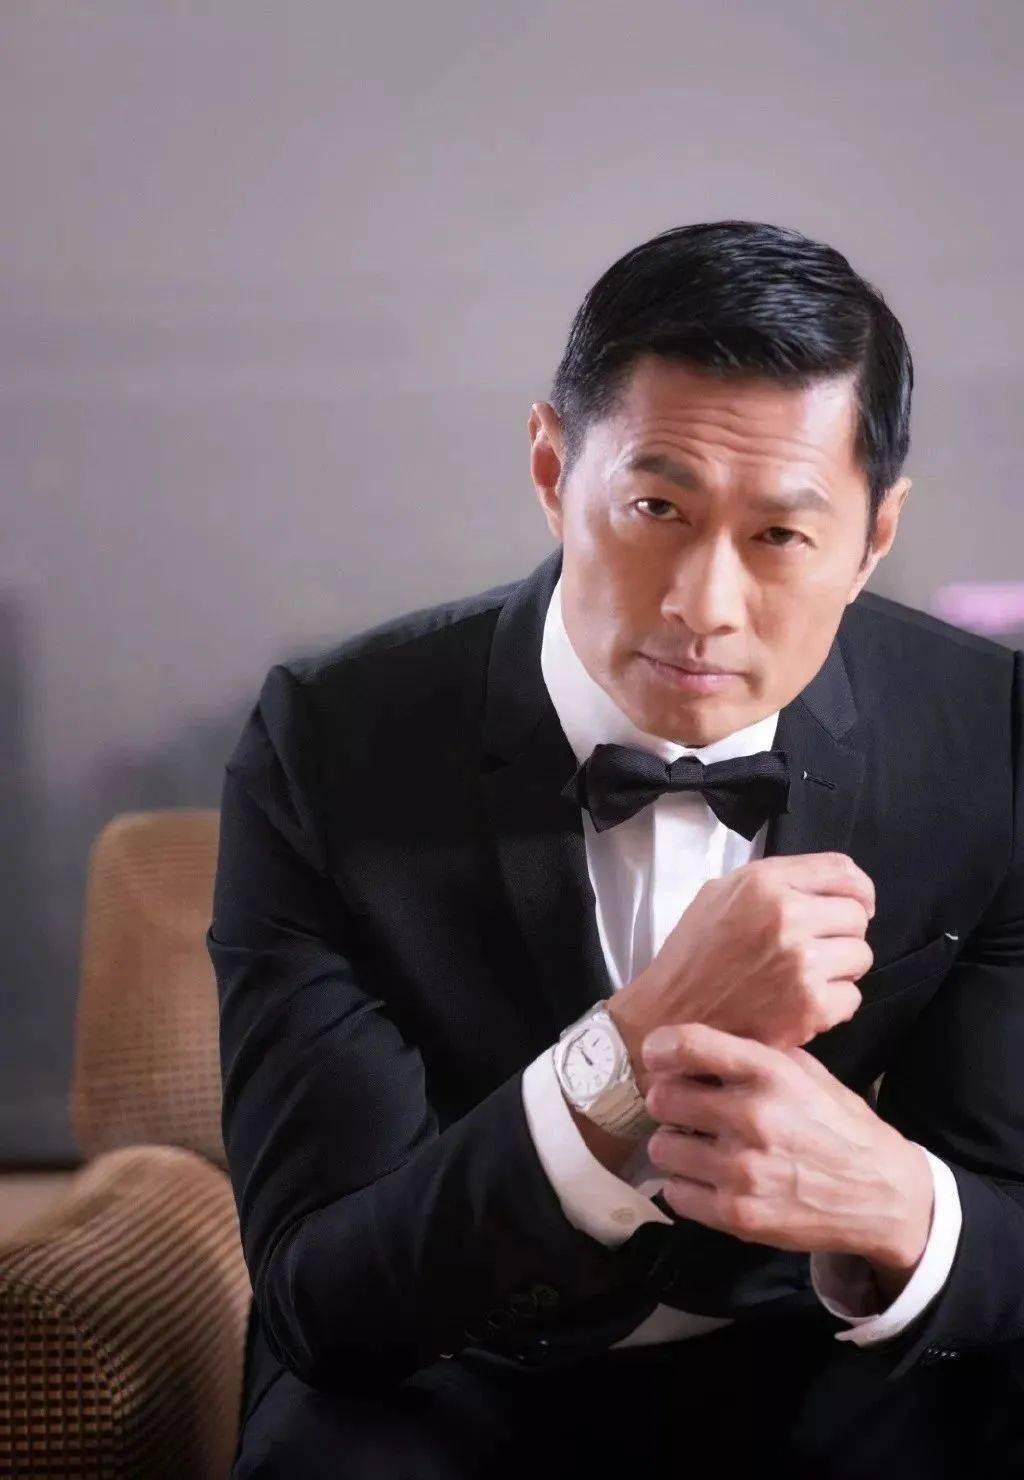 越老越有型!57岁前TVB男星黄德斌重回观众视野,40岁才有代表作  第1张